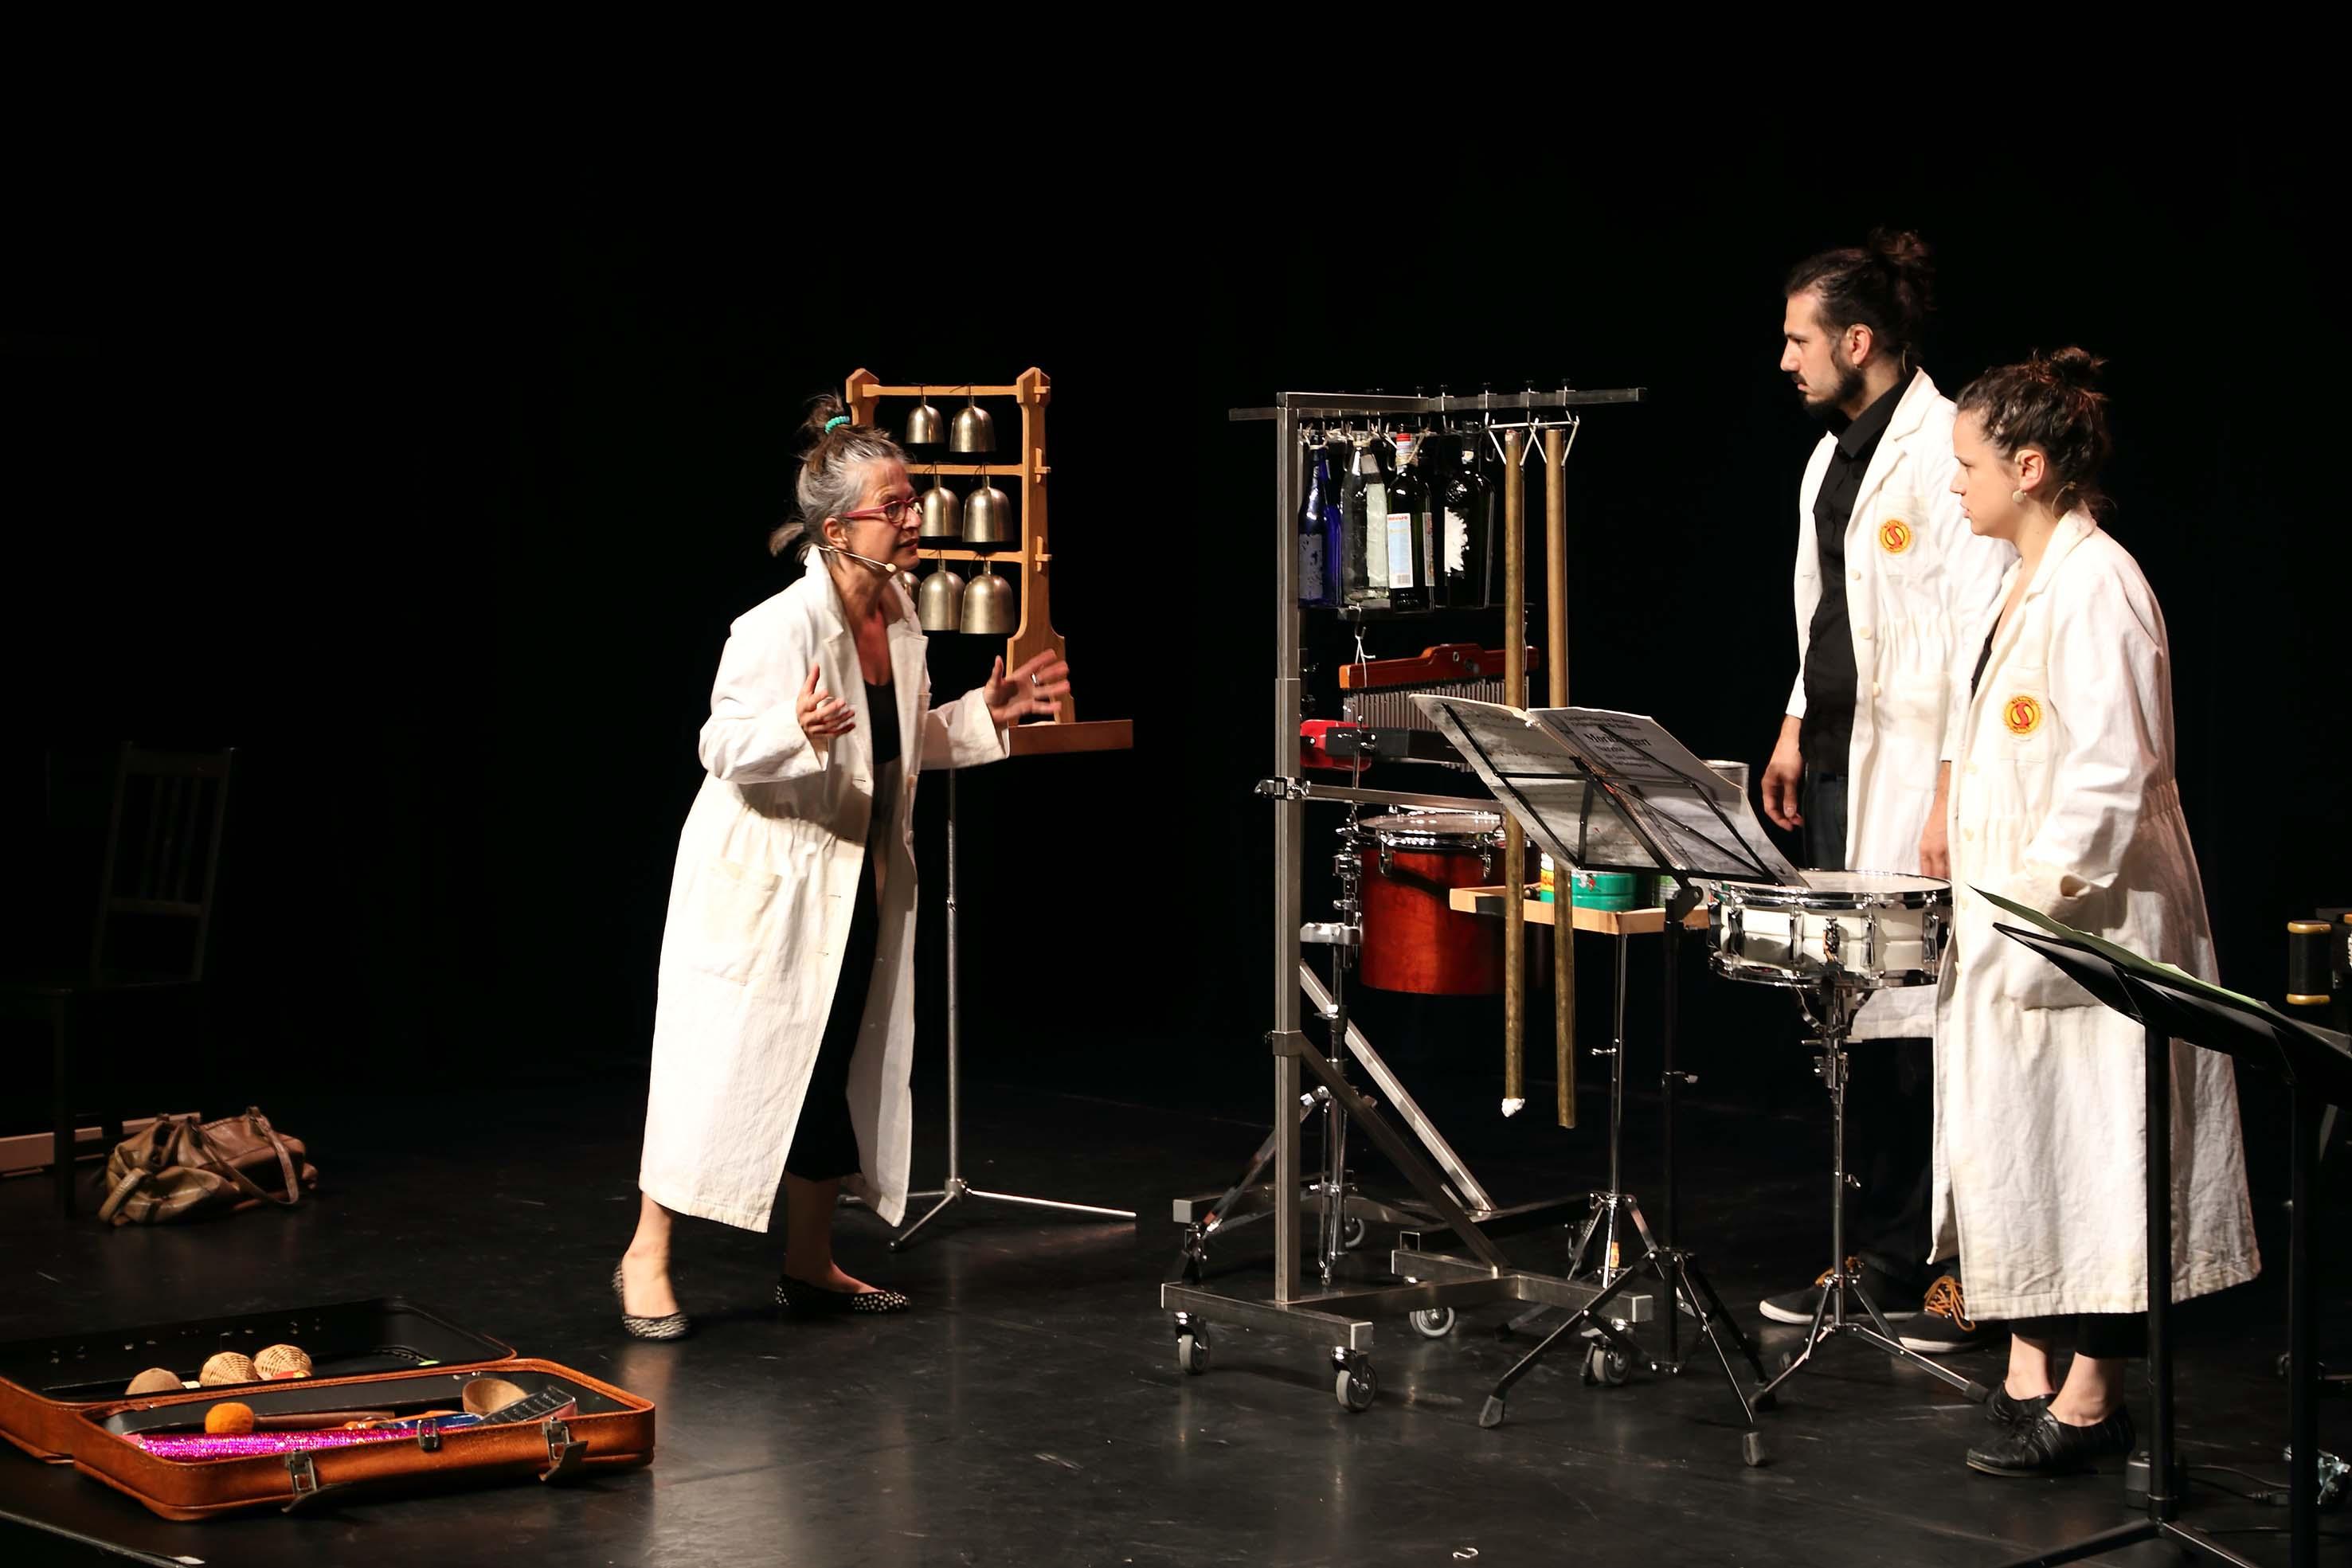 Frau Dr. Crescendo auf der Suche nach der verschwundenen Harmonie